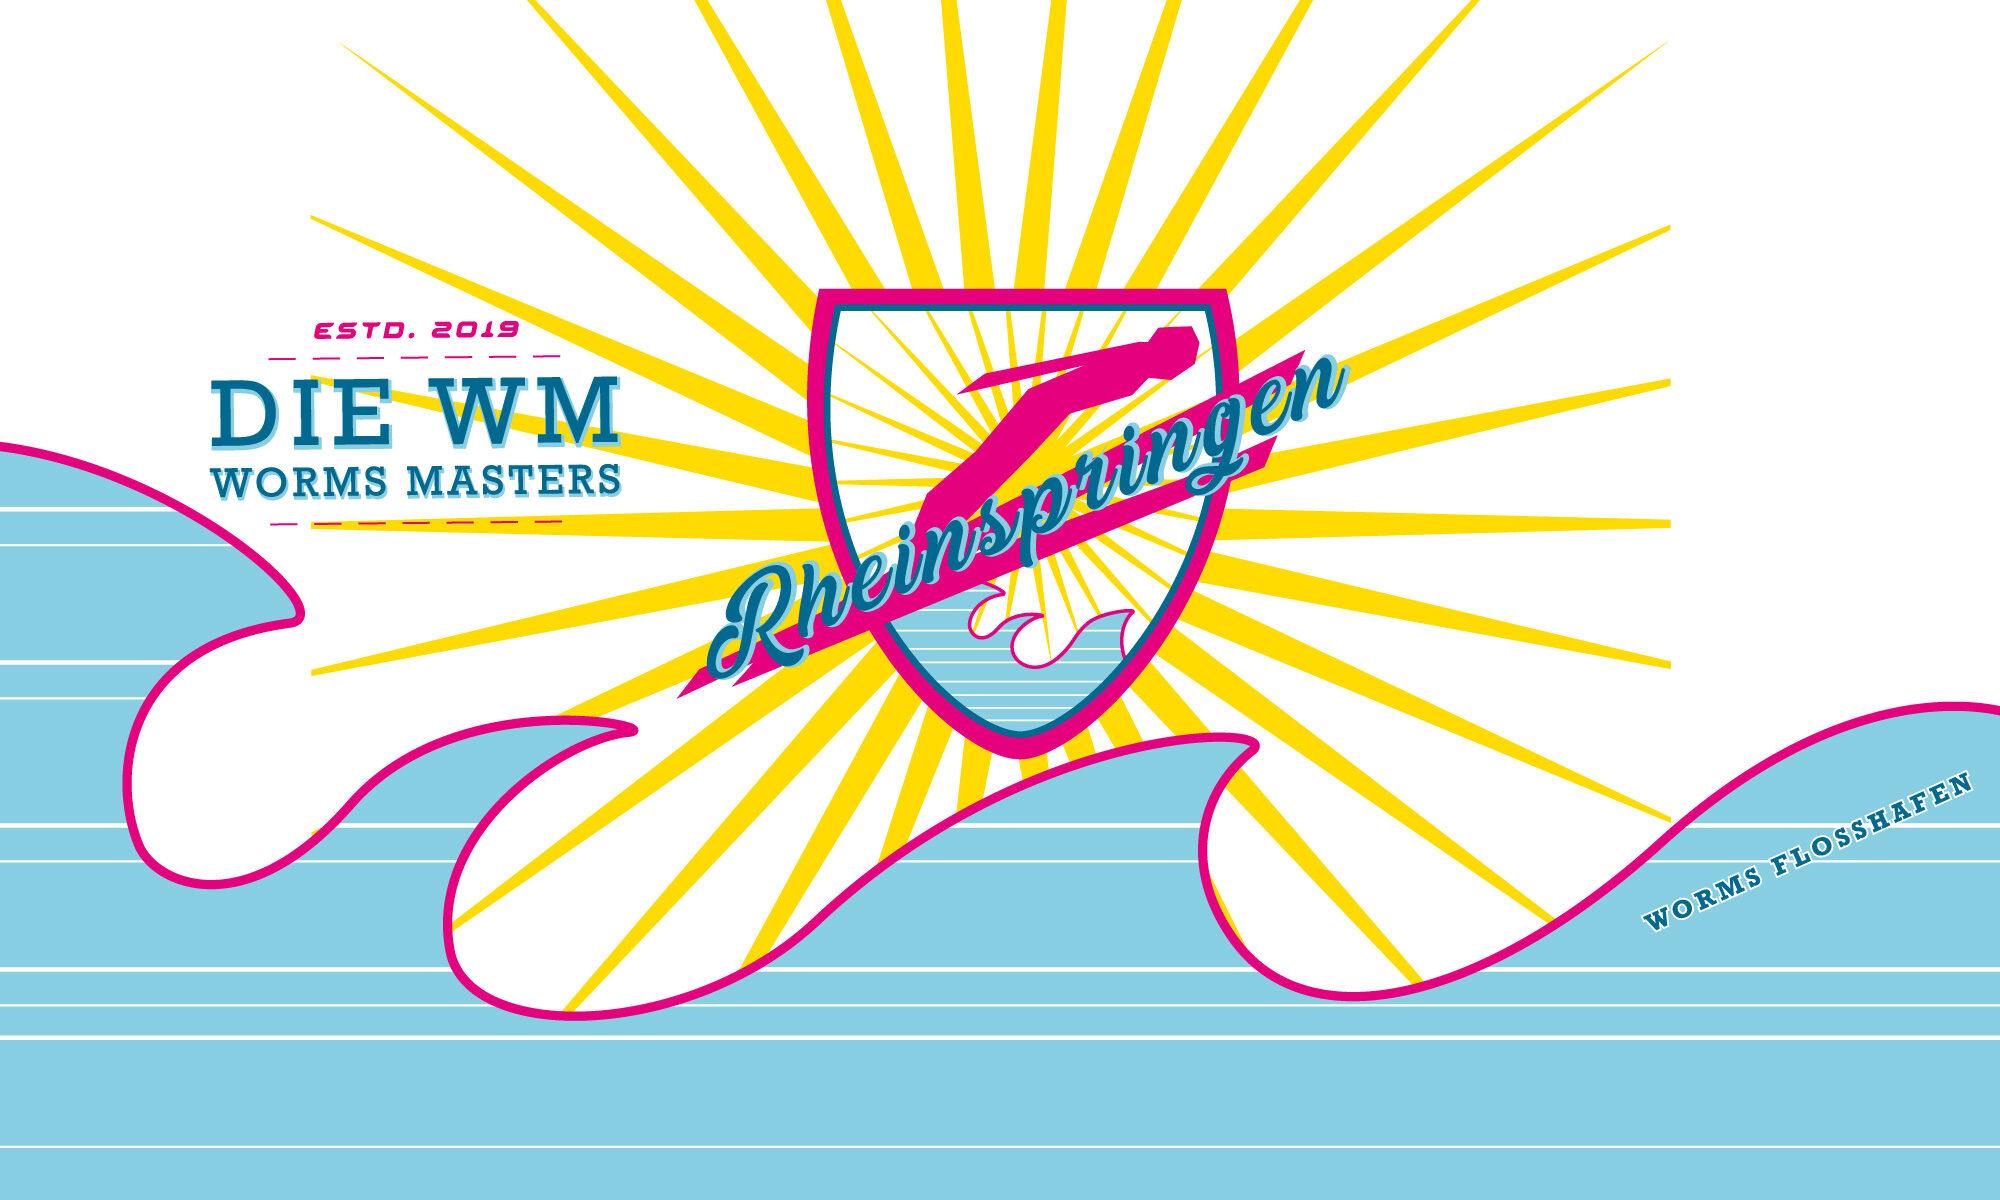 Rheinspringen - Die WM